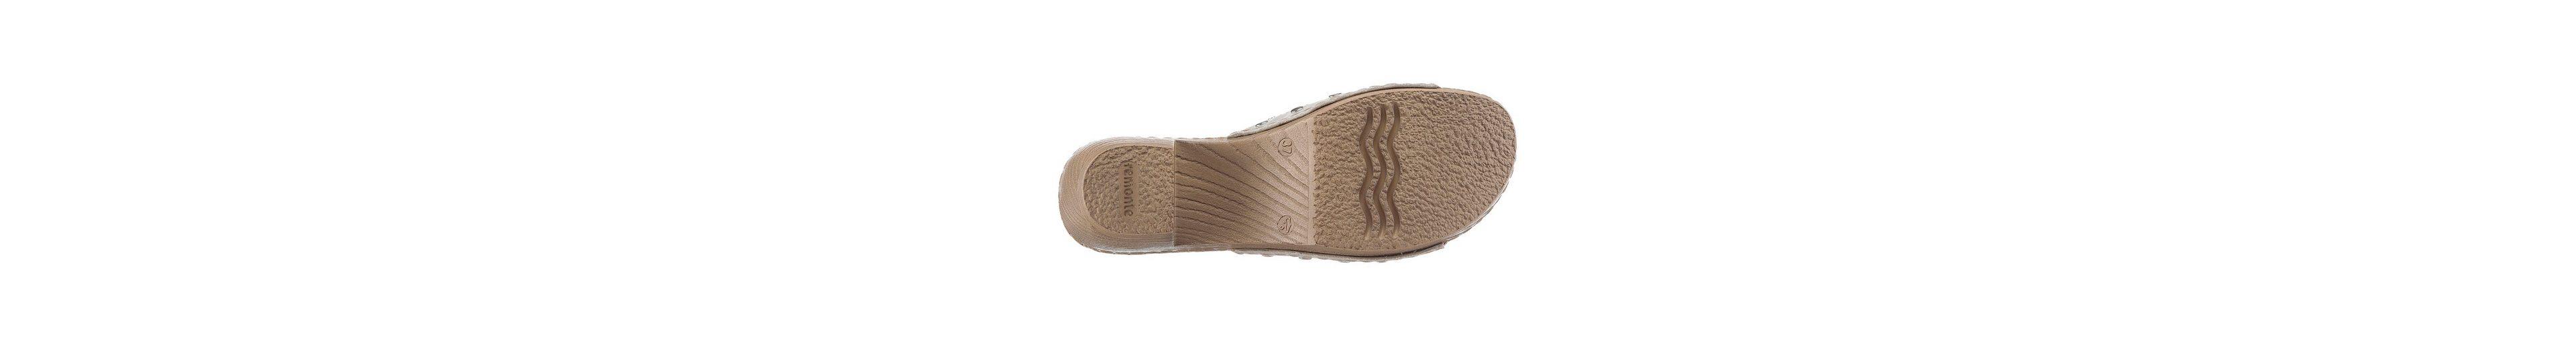 Remonte Pantolette, mit modischer Perforation